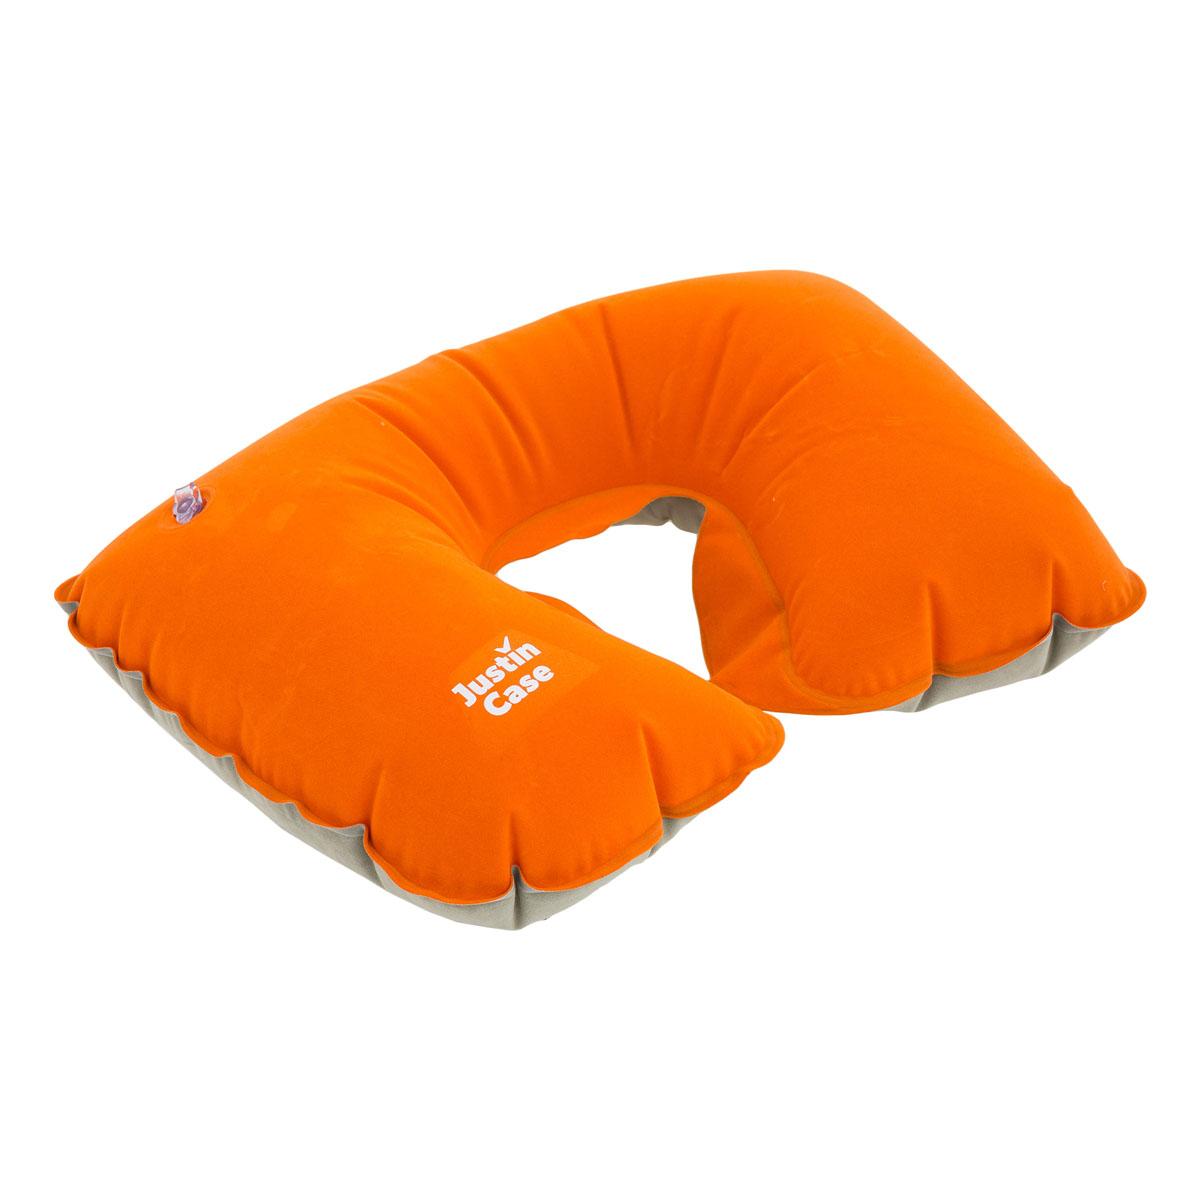 Надувная подушка для путешествий JustinCase, цвет: серо-оранжевый. E5502O купить ортопедическую подушку недорого